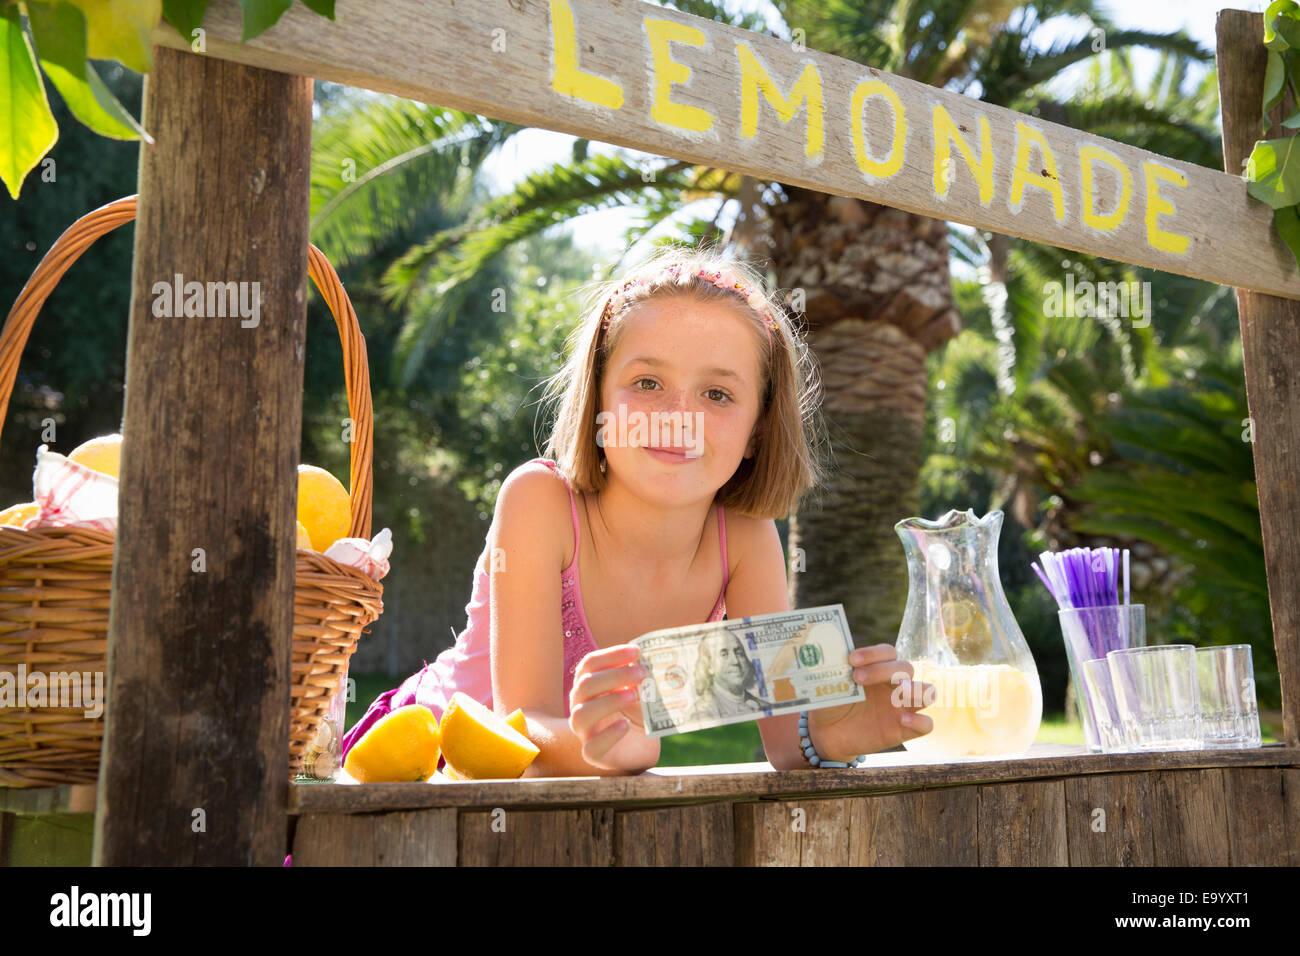 Porträt von Mädchen auf Limonadenstand hält hundert-Dollar-Schein Stockbild